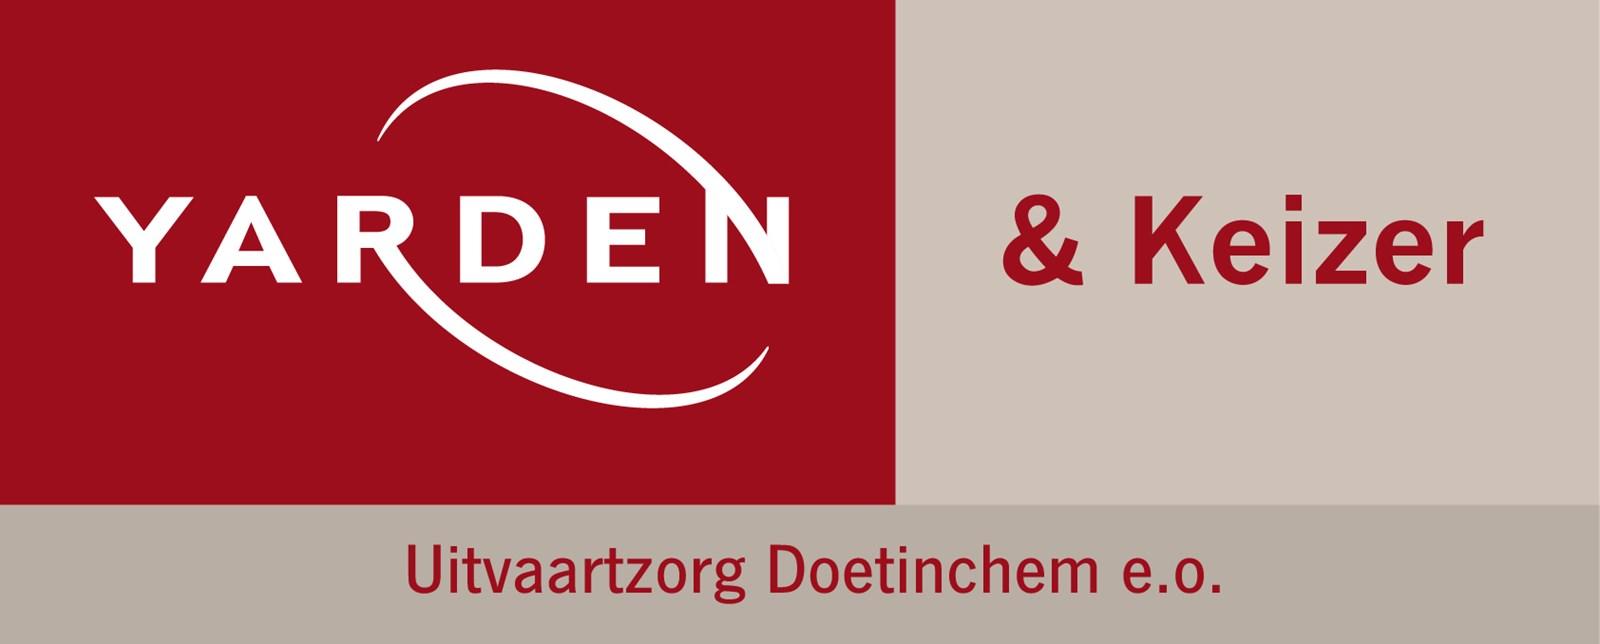 Logo van Yarden & Keizer Uitvaartzorg Doetinchem